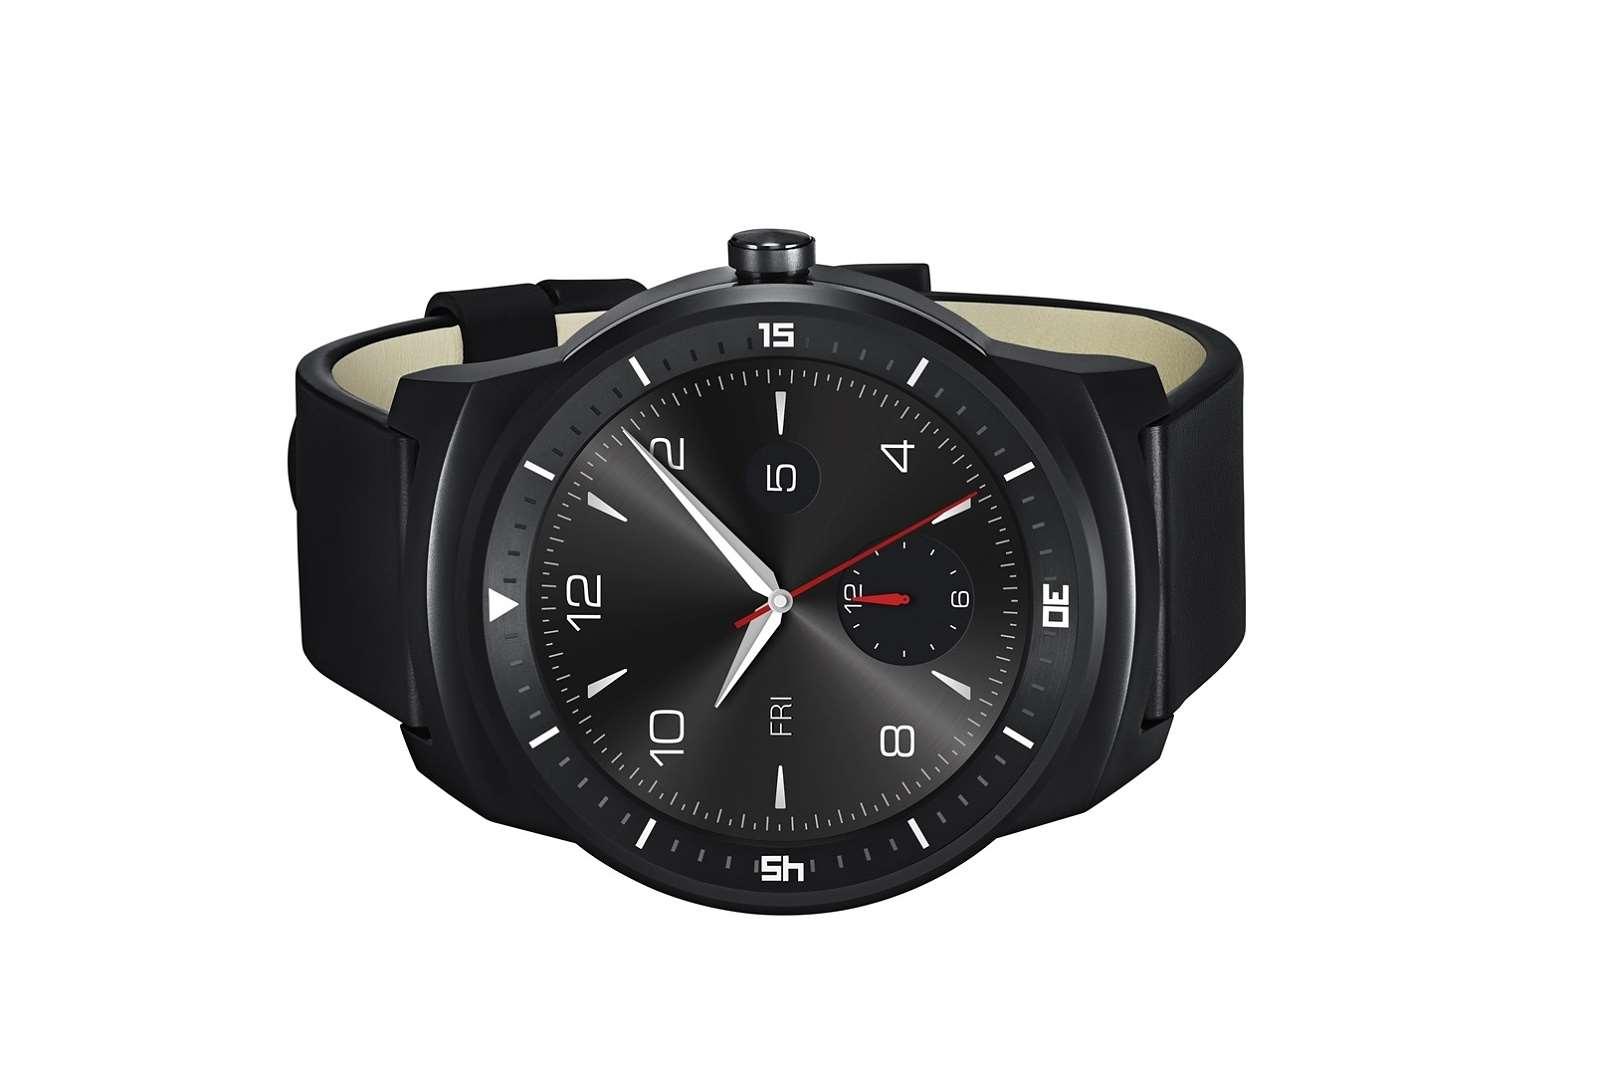 LG G Watch R jsou zatím nejhezčí chytré hodinky – MobilMania.cz 649dc4696eb